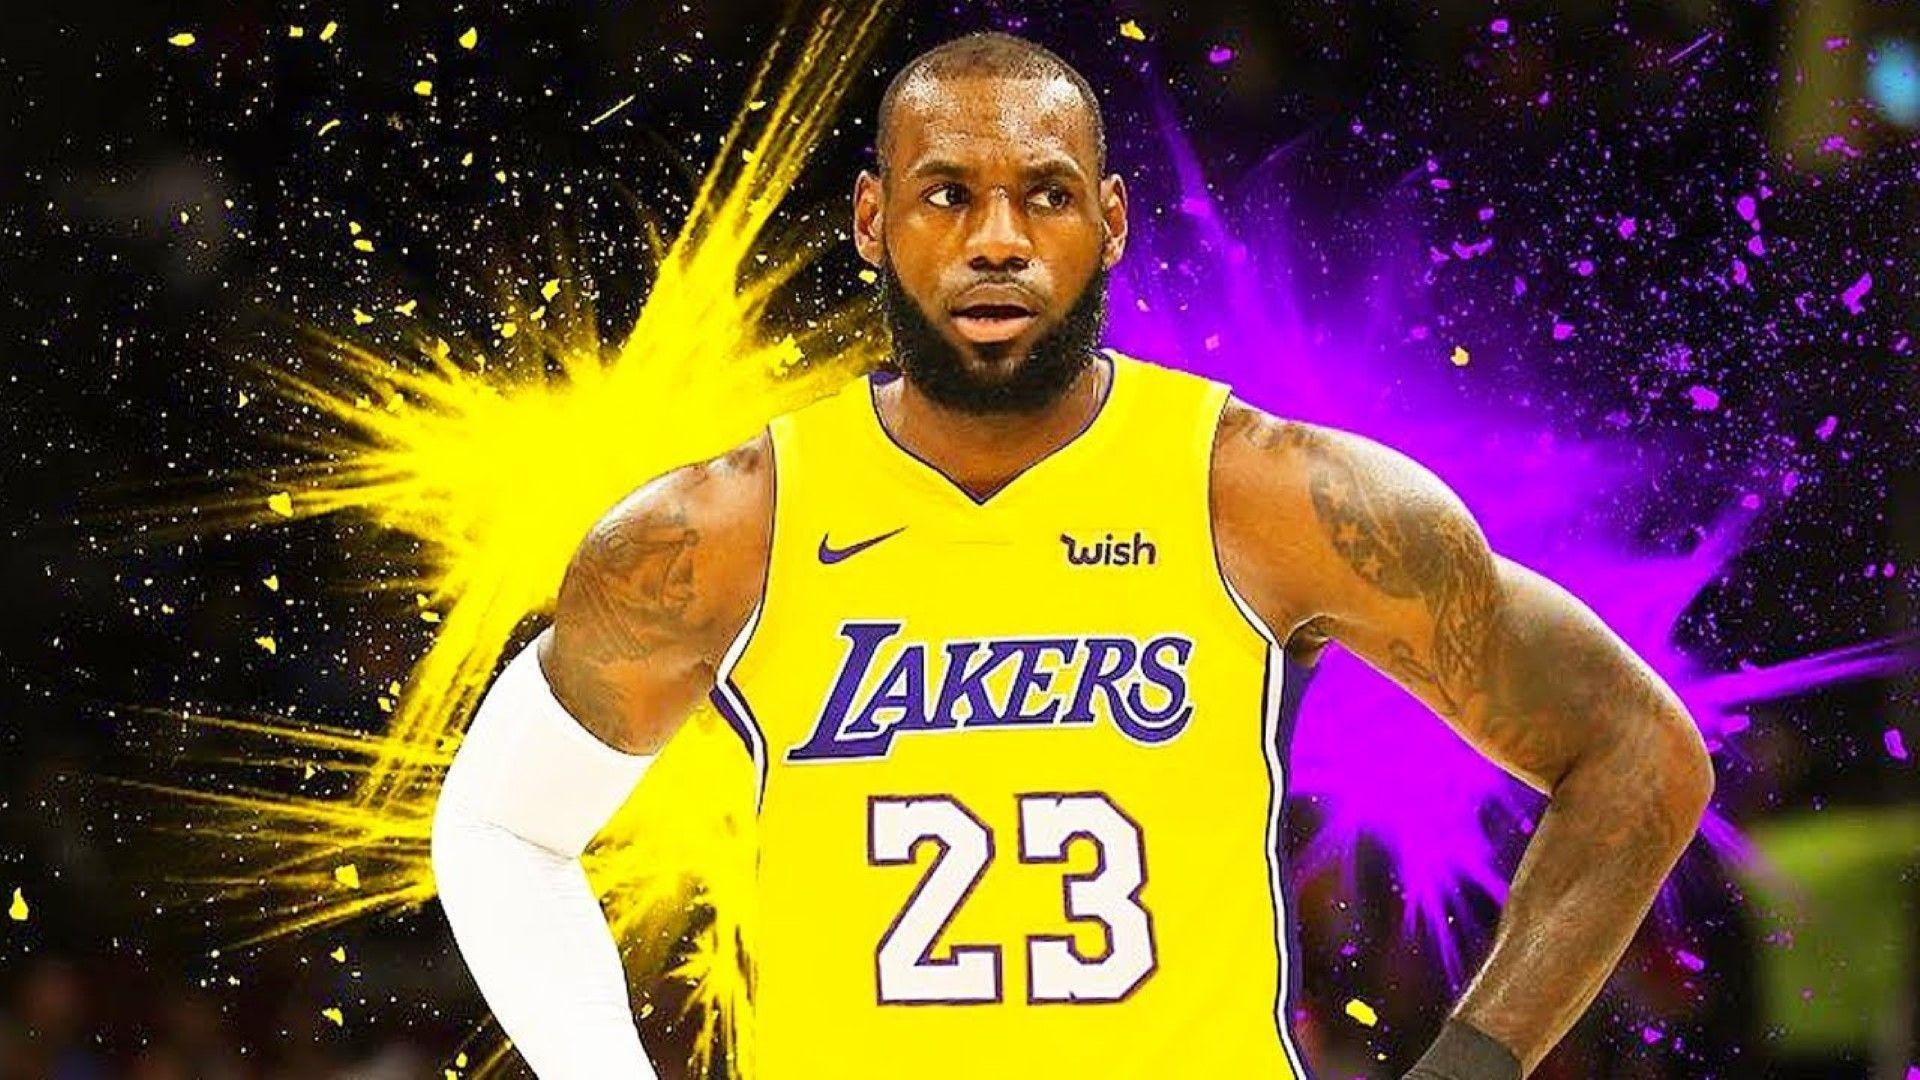 """Най-чаканата сделка в НБА е факт: Леброн отива в """"Лейкърс"""""""